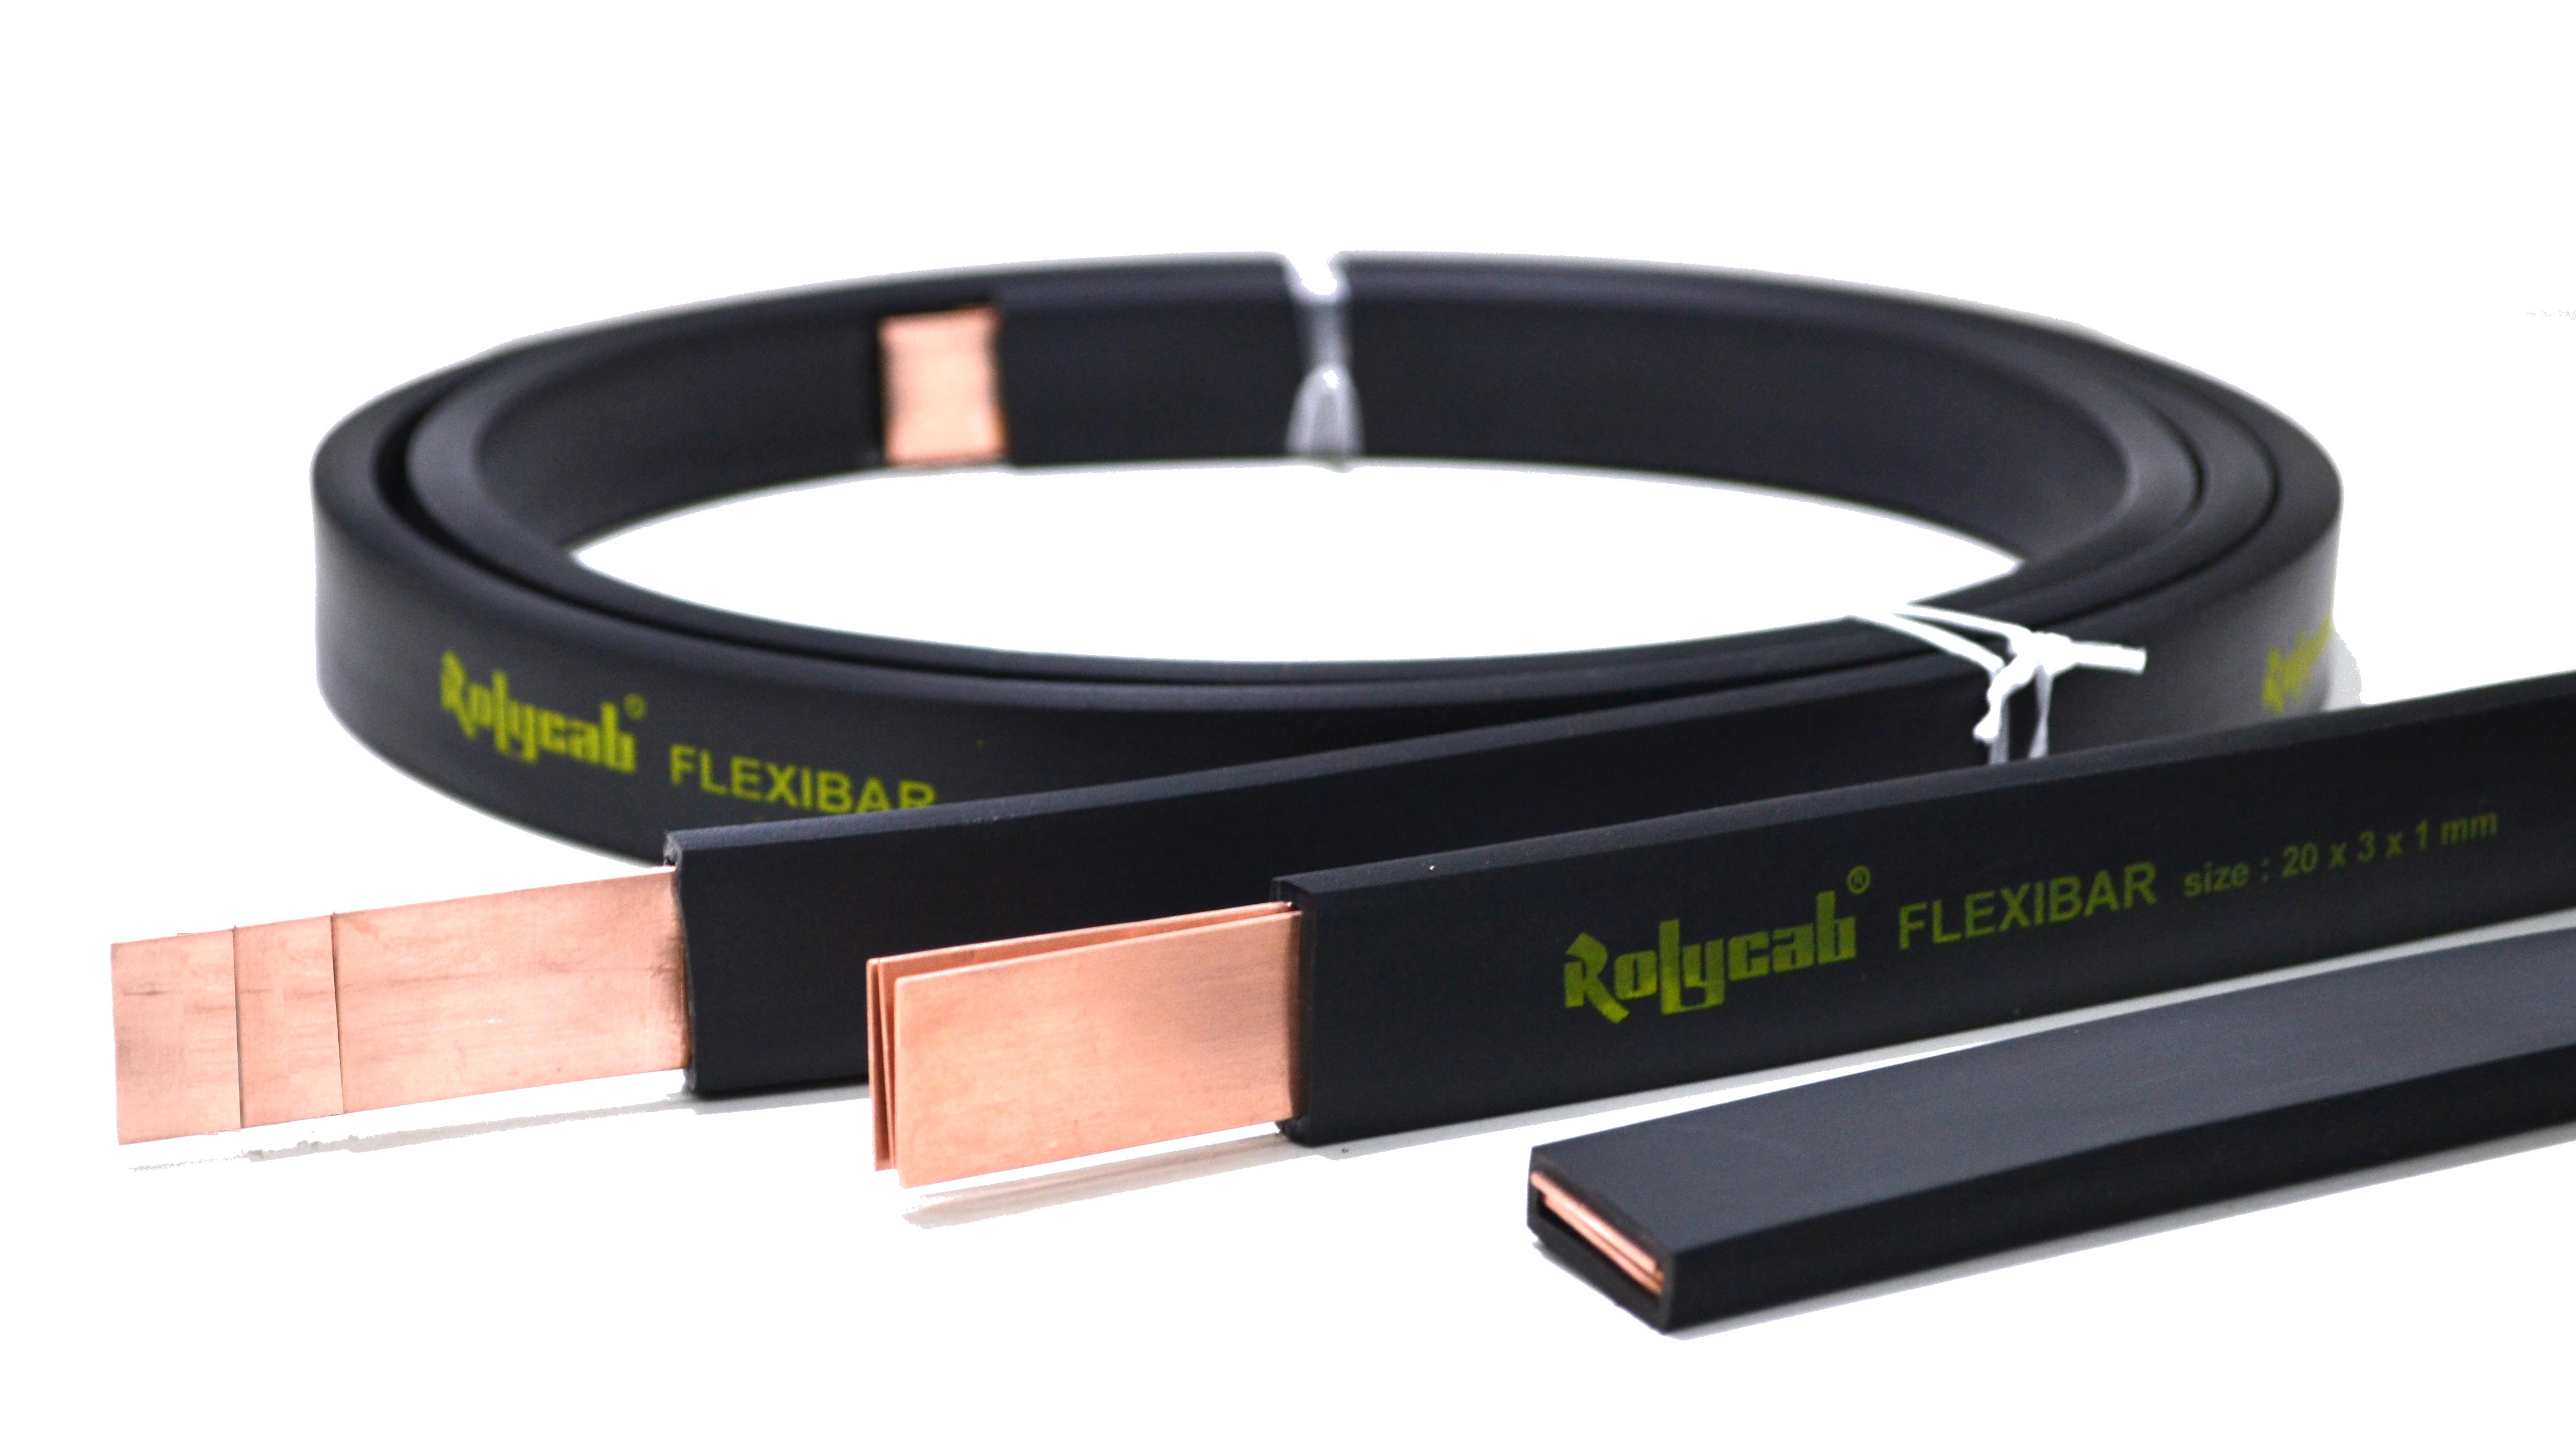 Rolycab Flexibar